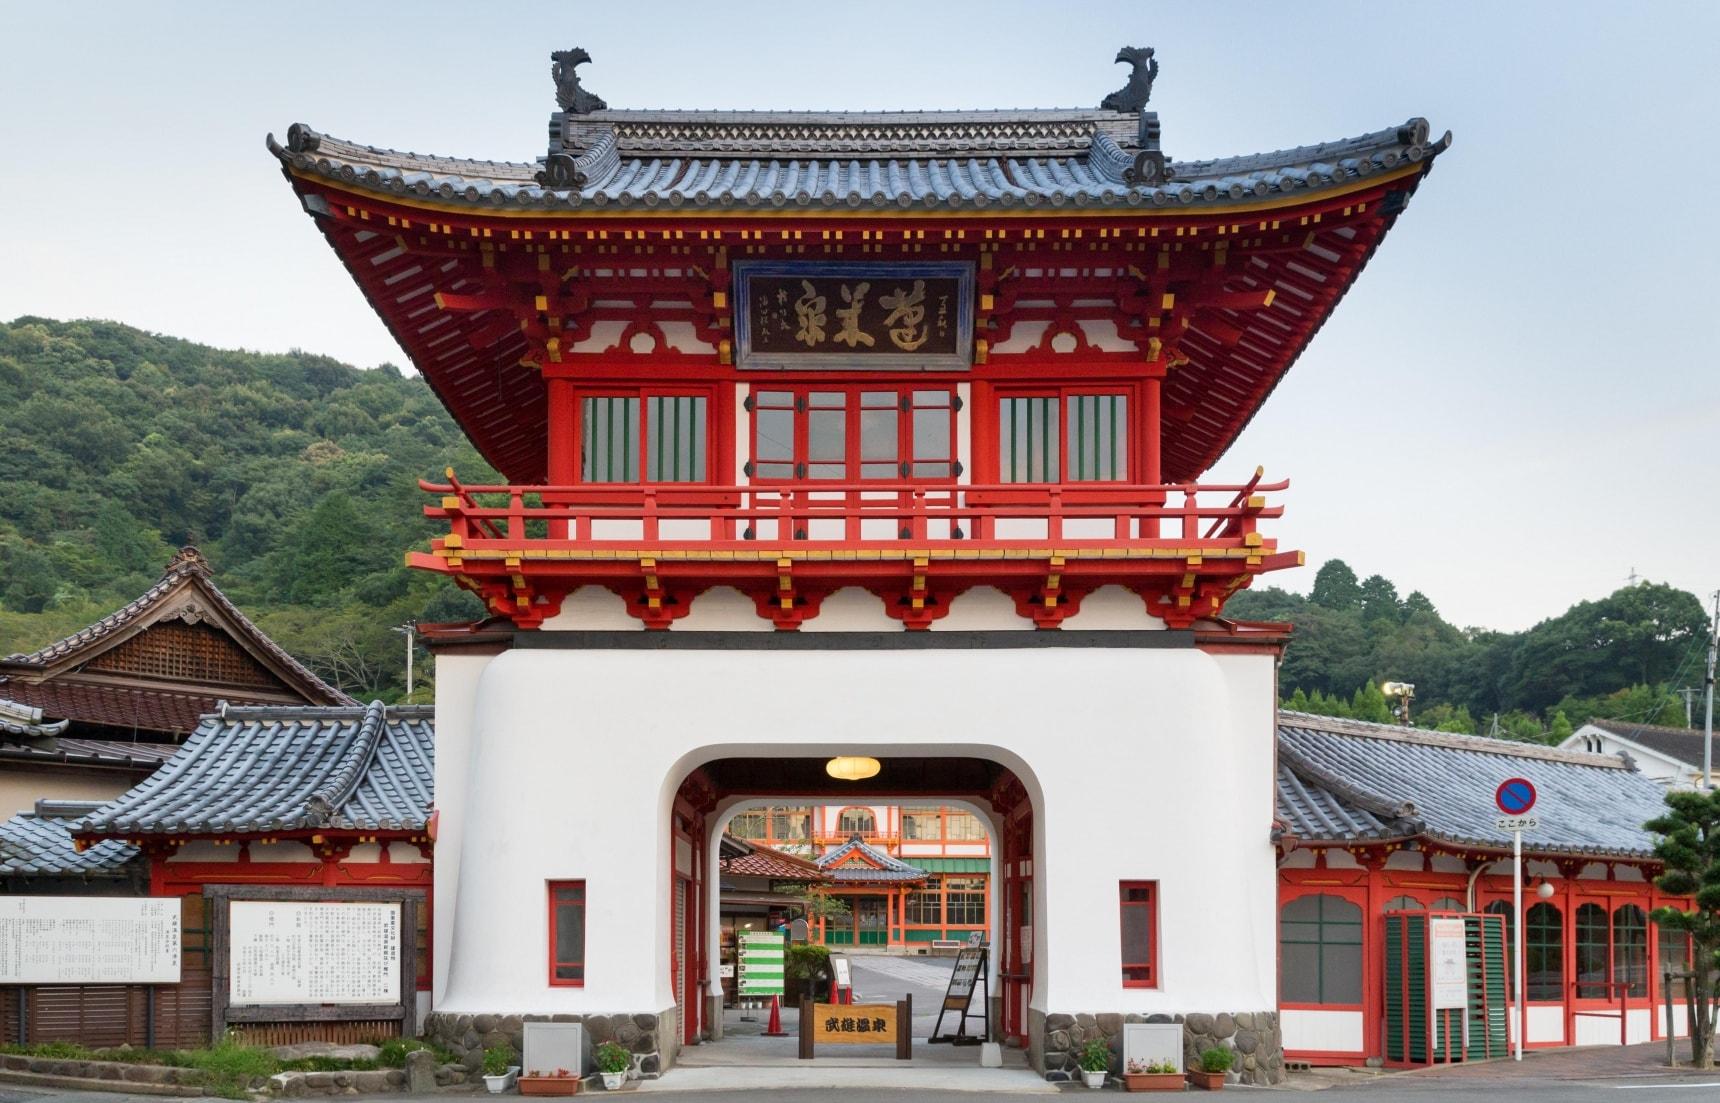 ทาเคะโอะออนเซน ตอบโจทย์นักอ่านและนักเที่ยว